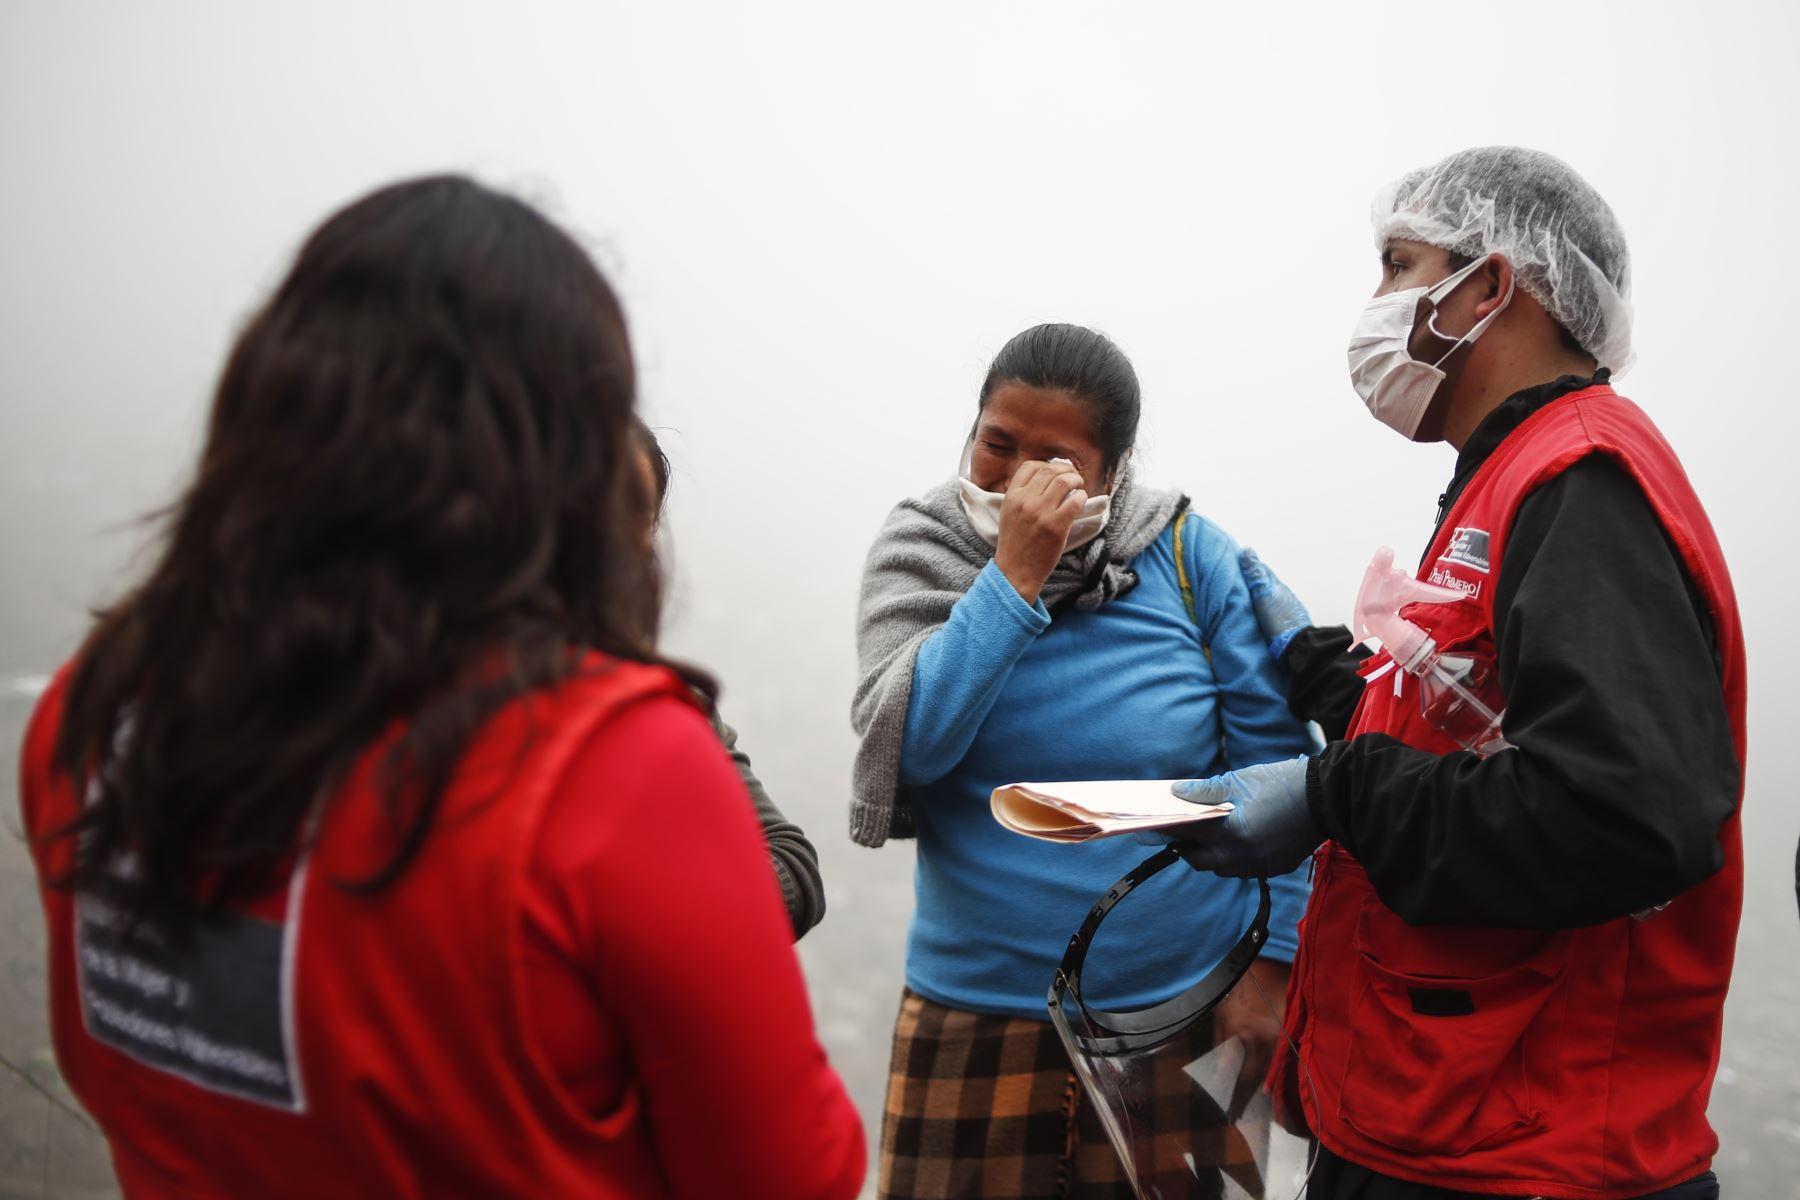 Una habitante del asentamiento humano se acerca al equipo del Inabif y se quiebra al relatar sus complicados días durante la pandemia por coronavirus. Foto. ANDINA/Renato Pajuelo